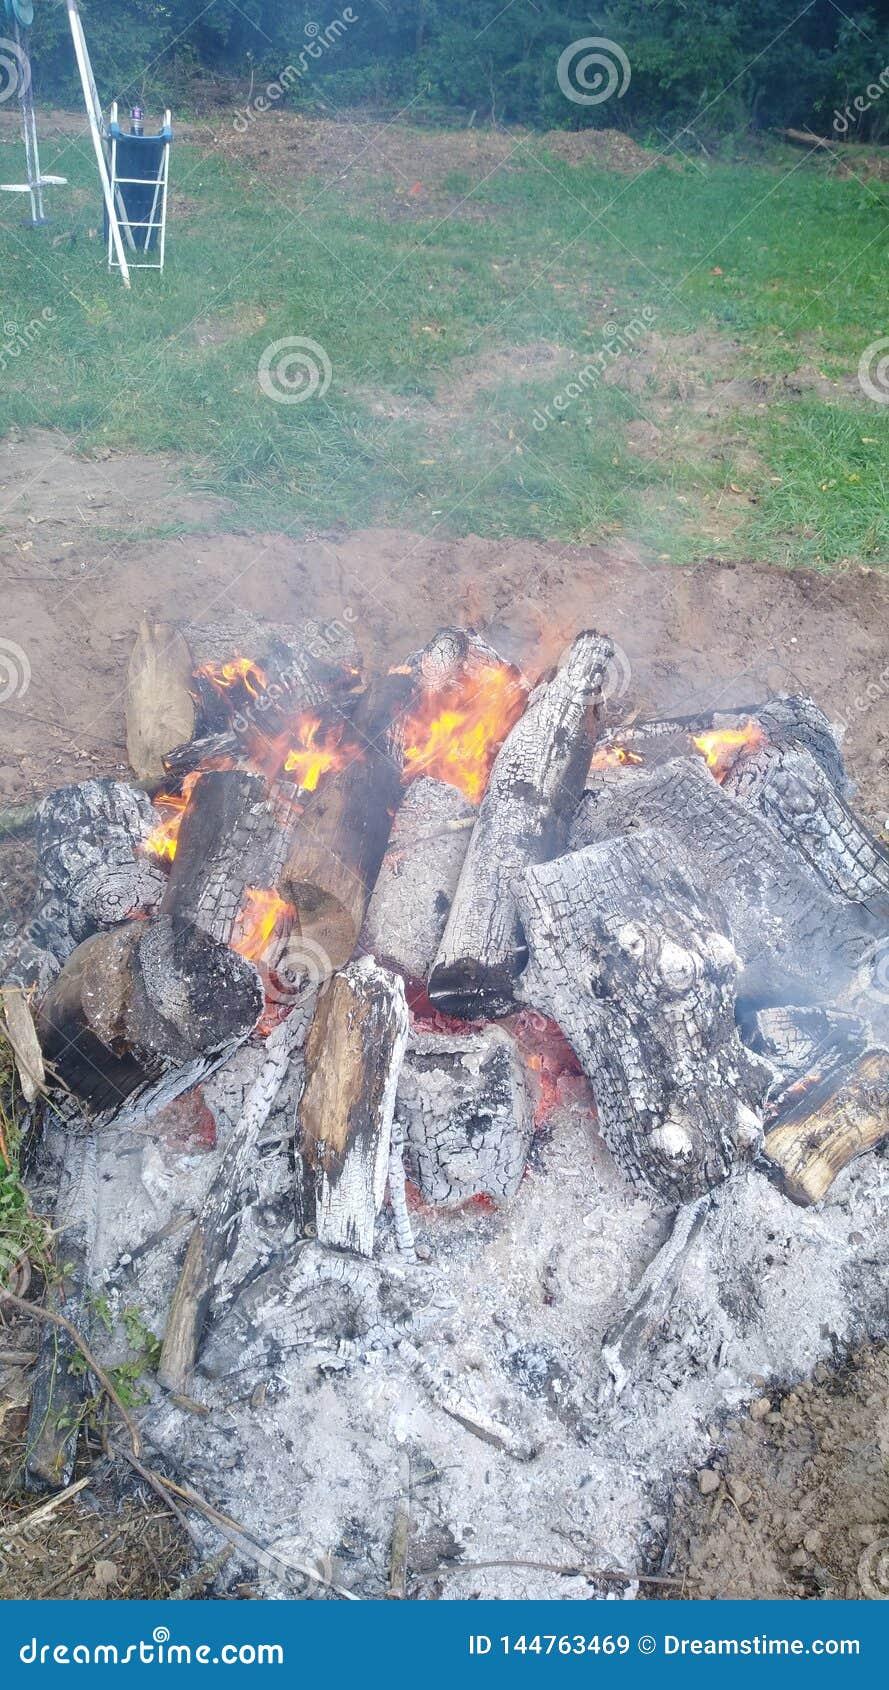 Ashy Log Fire Pit